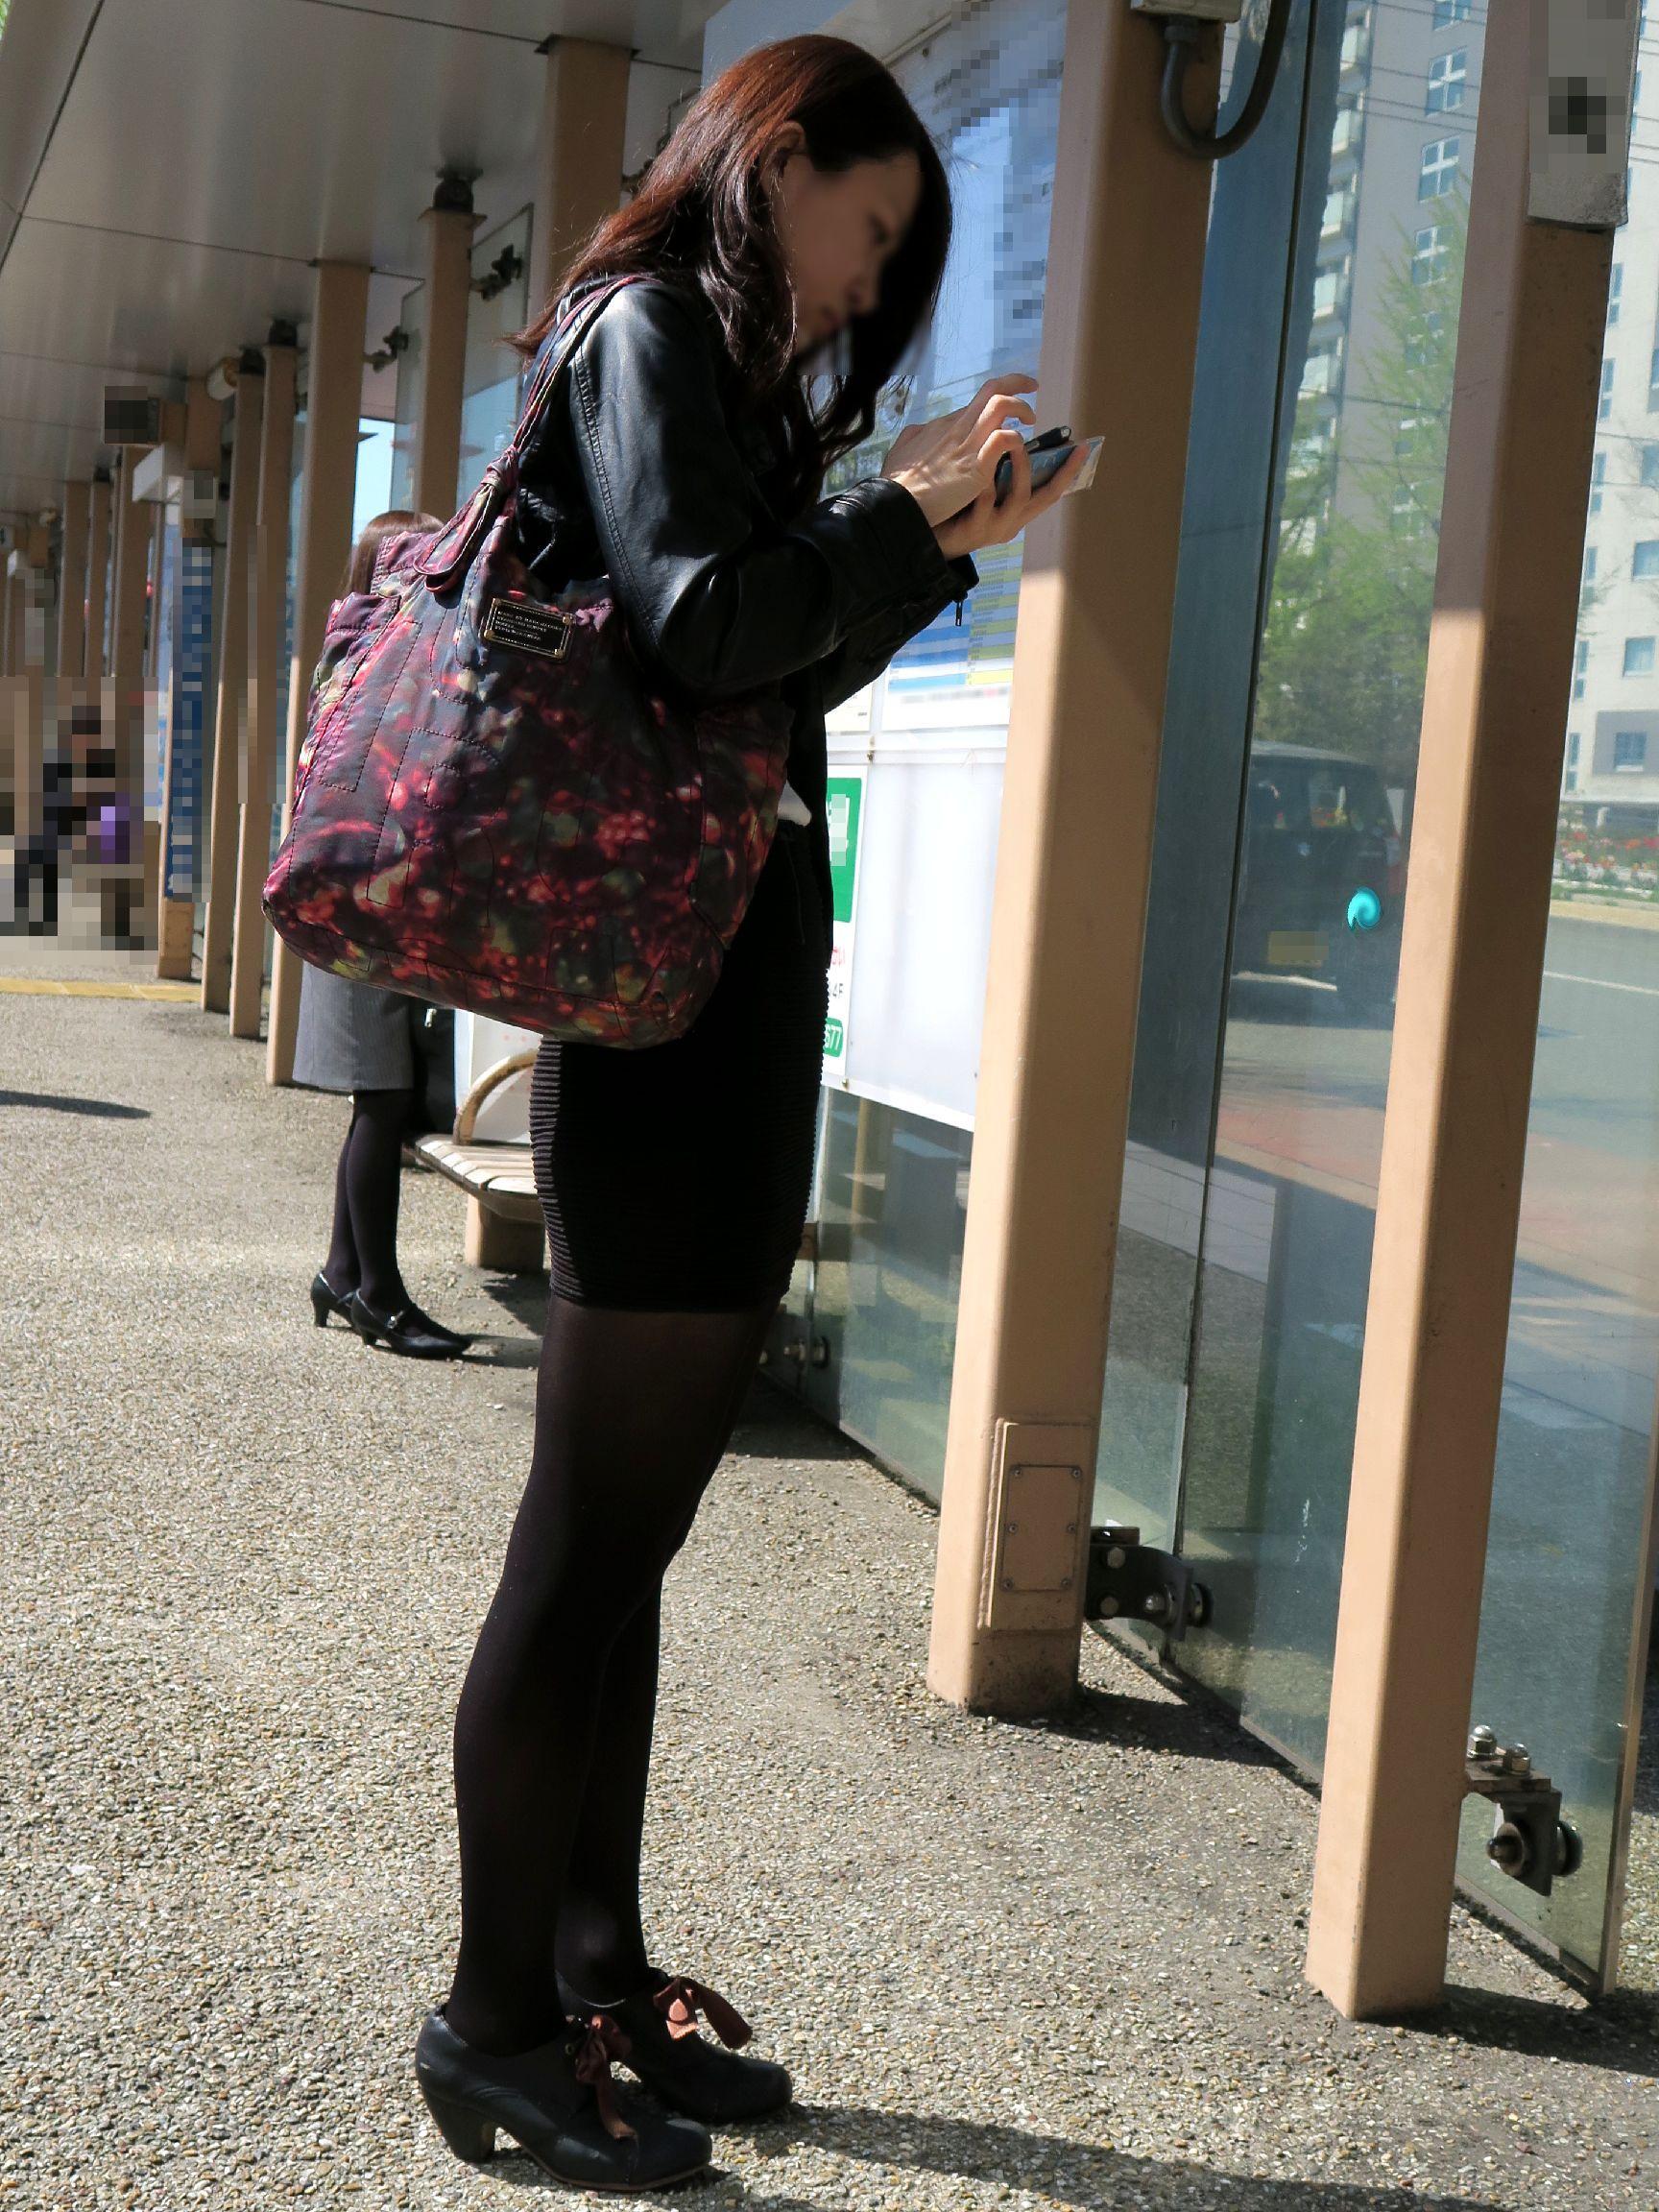 ミニスカ・ショートパンツの黒ストッキングギャル街撮り素人エロ画像13